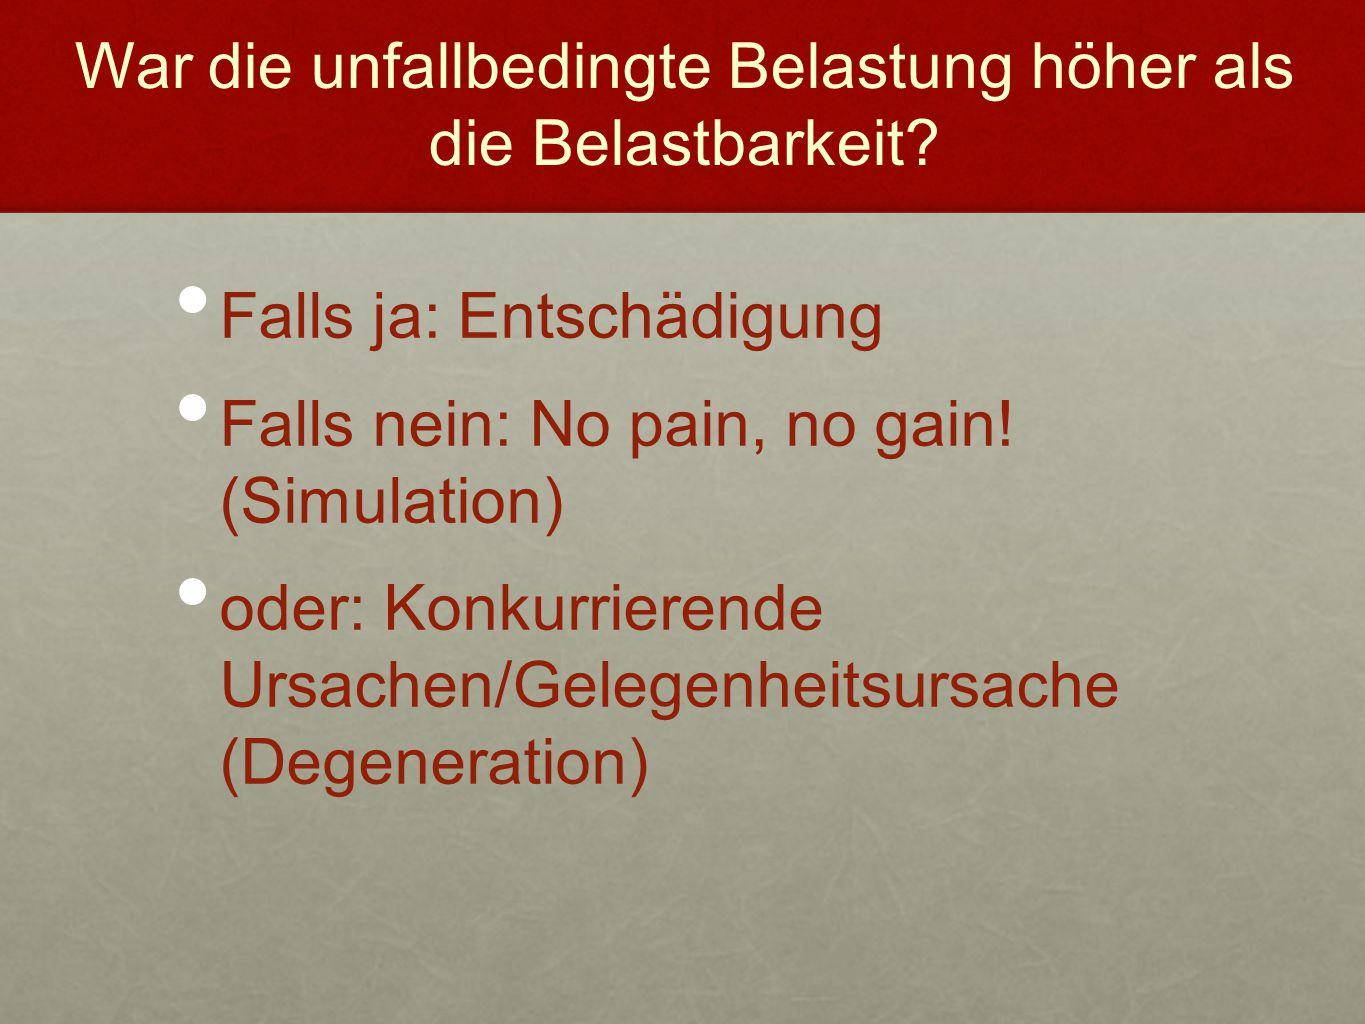 2.1 Symptome (subjektiv!) 2.2 Körperliche Untersuchungsbefunde 2.3 Technische Zusatzbefunde (Radiologie) 2.4 Therpierbarkeit / Verlauf 2.5 Teilhabeströungen 2.6 Verhalten im Rahmen der Begutachtung 2.